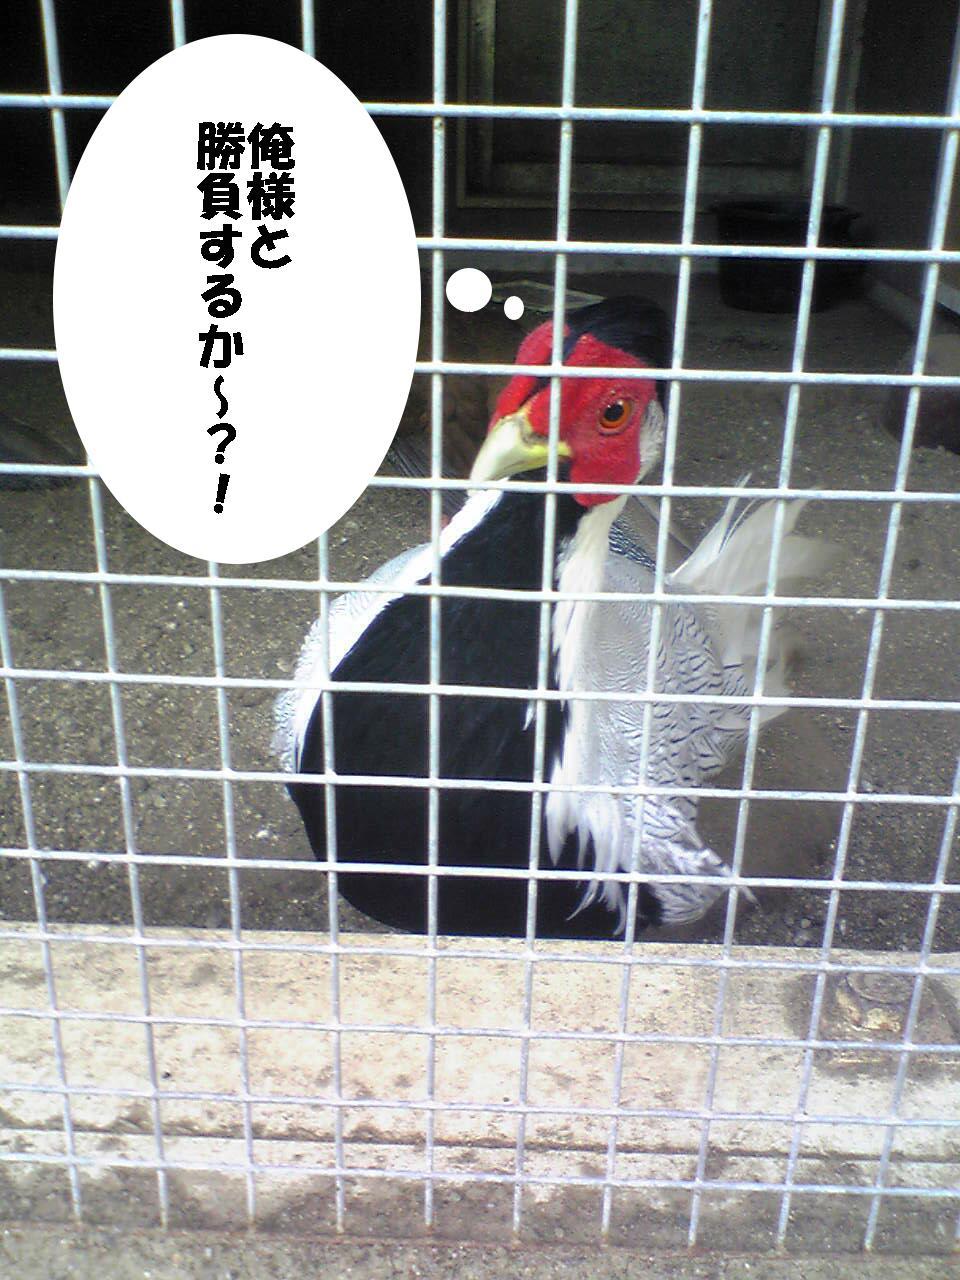 ハッカン(オス?)